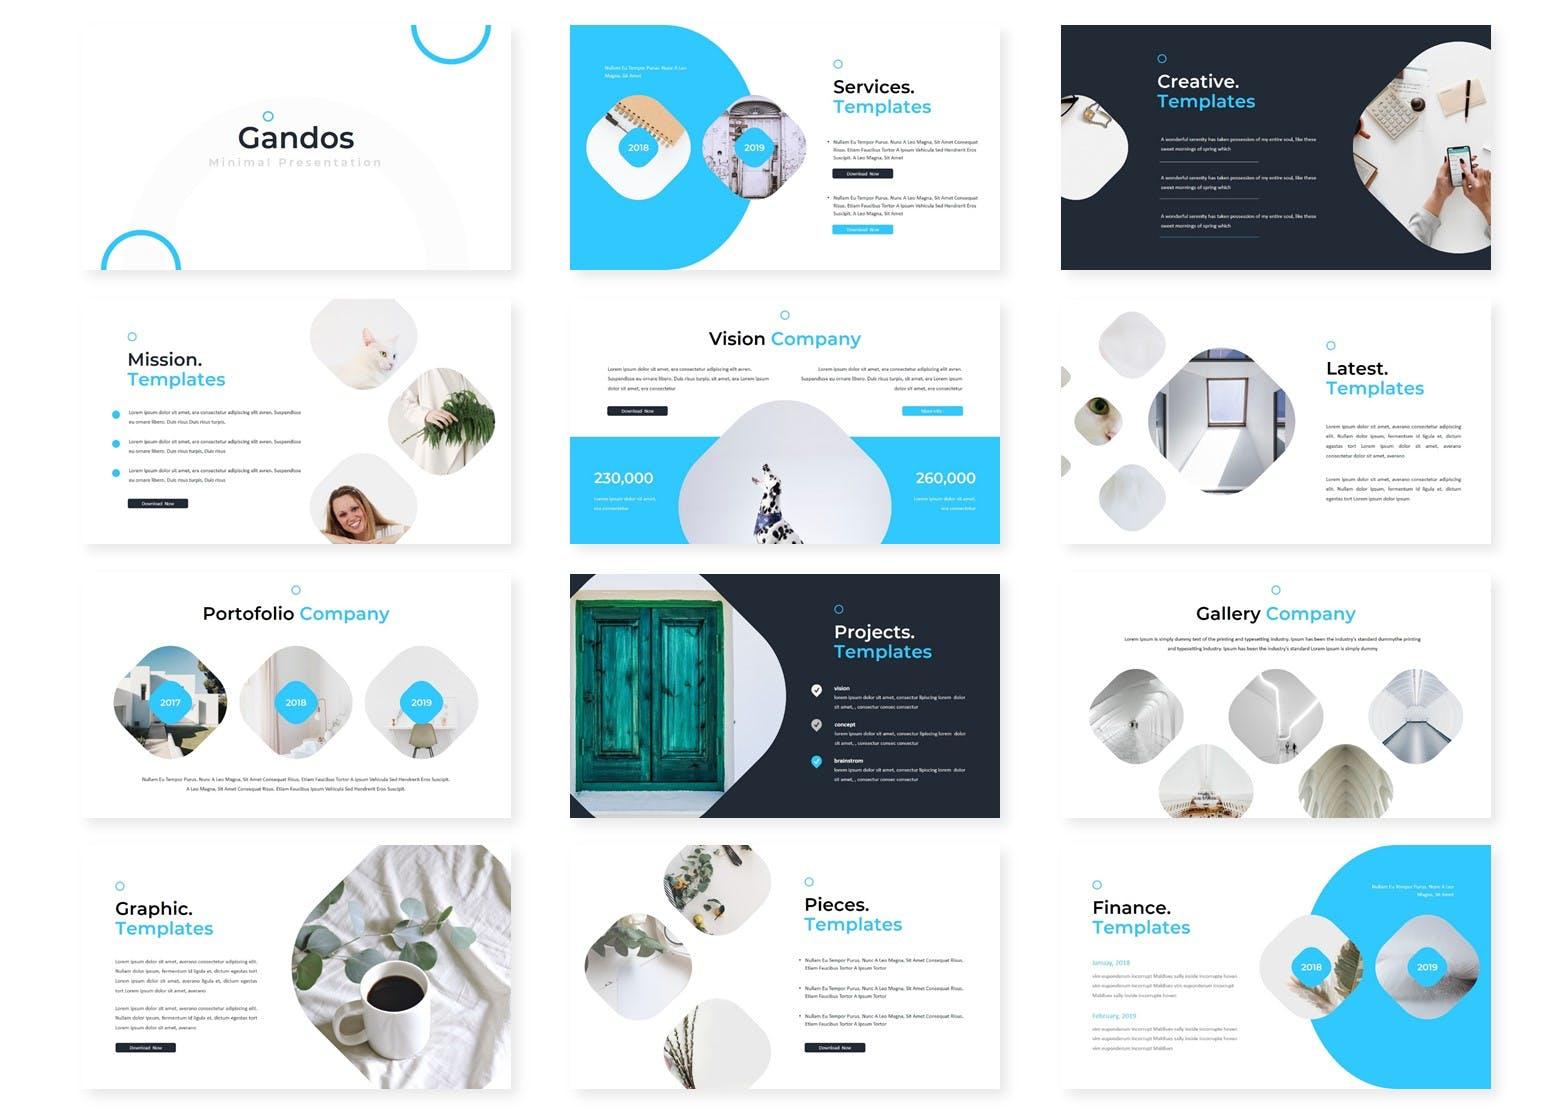 多用途行业企业策划模板PPT幻灯片模板Gandos Keynote Template插图(1)